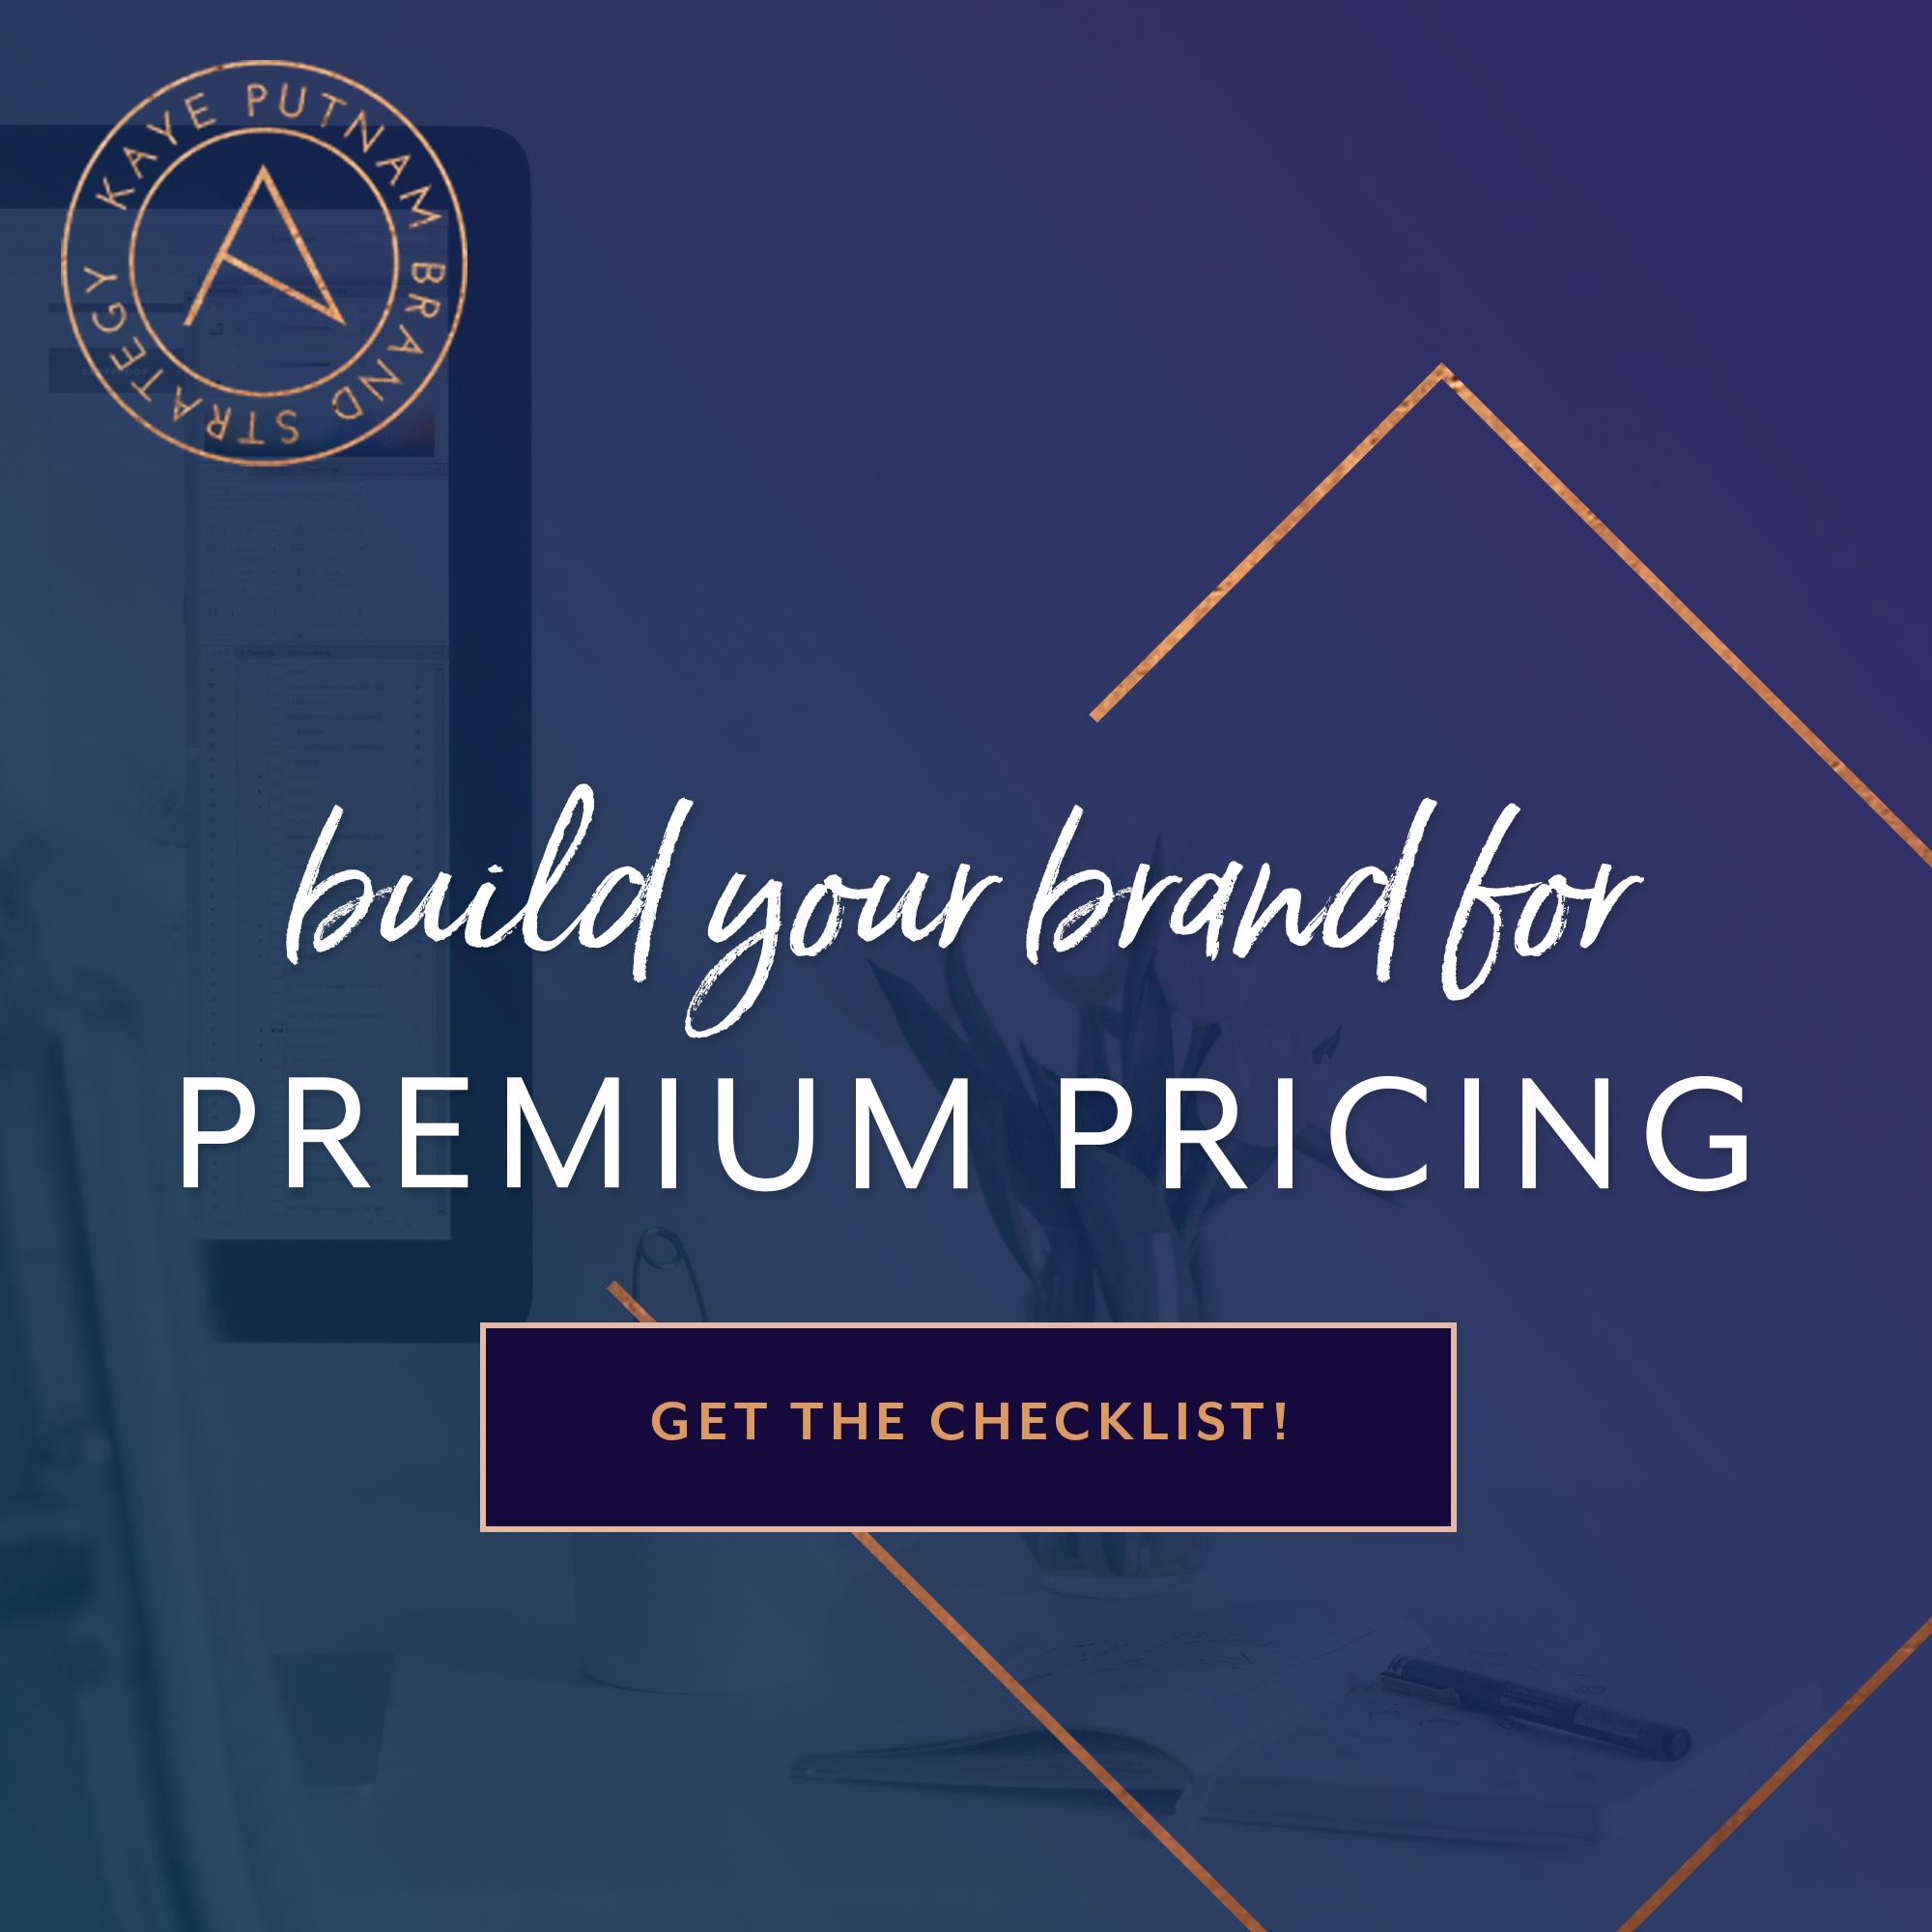 Premium Pricing: Build Your Brand For Premium Pricing